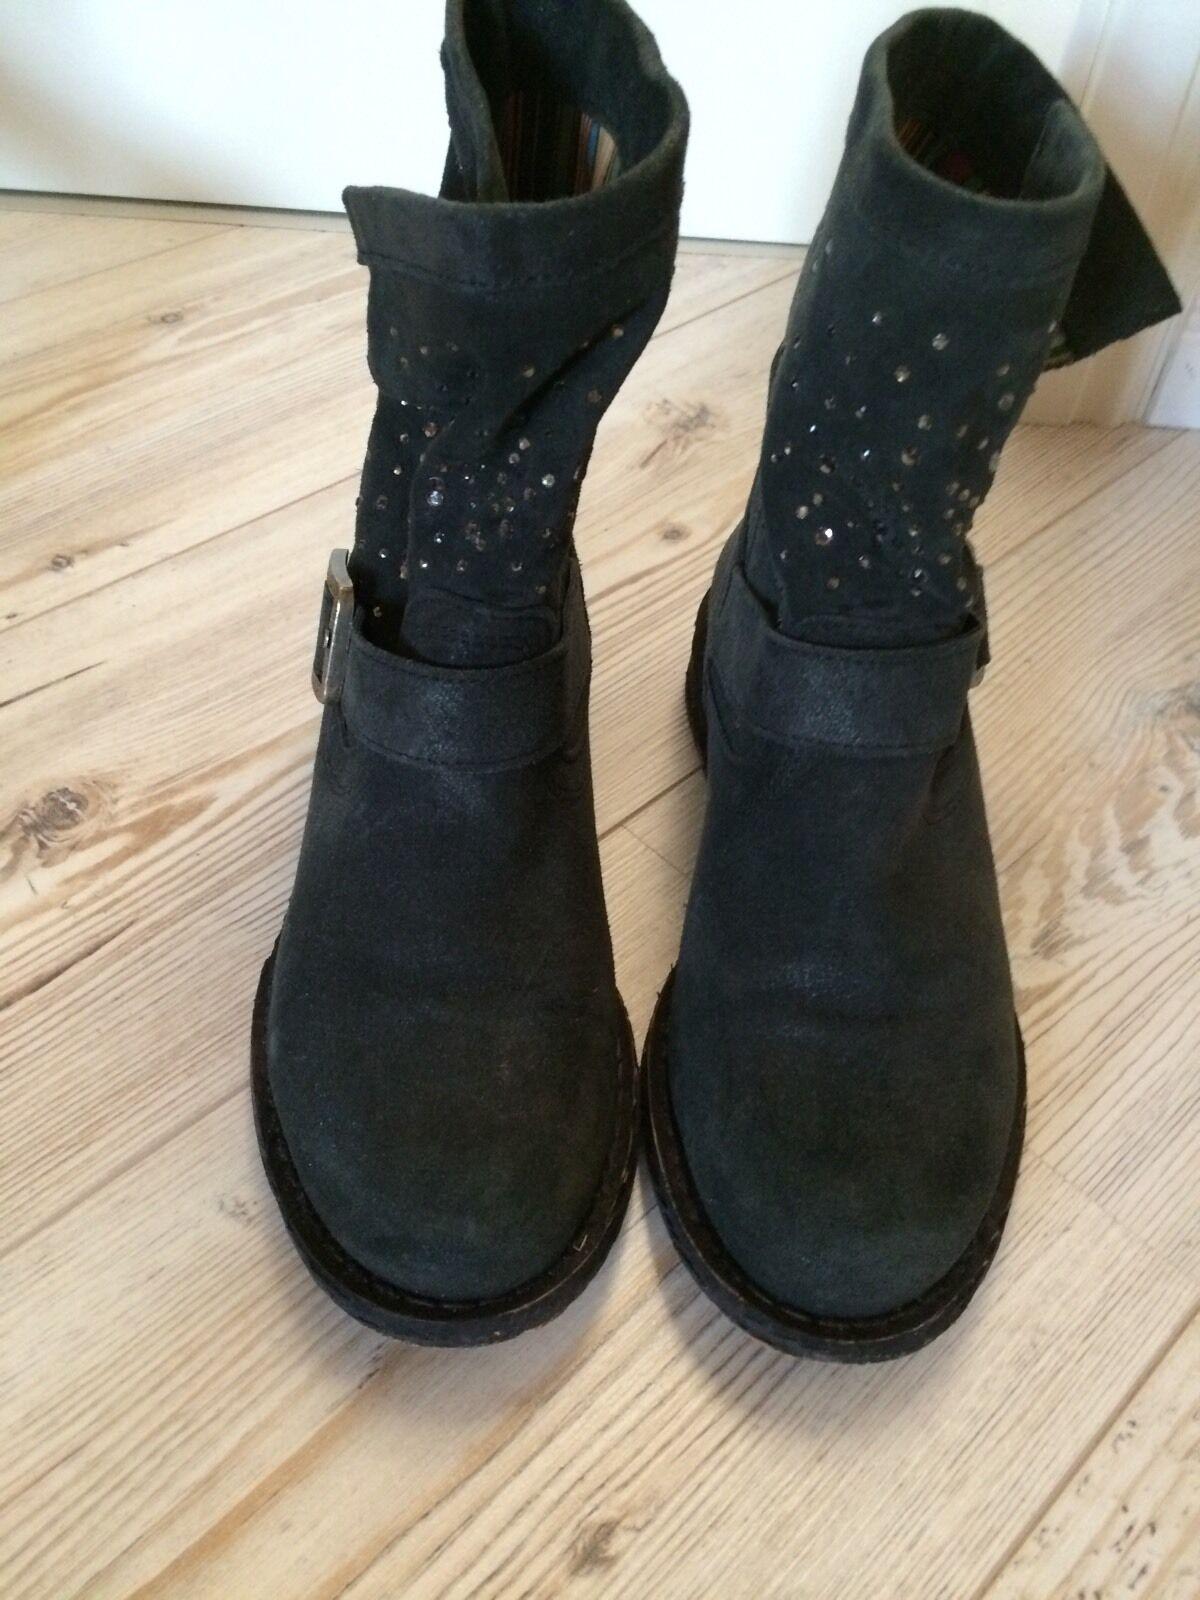 FELMINI  Boots / Stiefelette, dunkelgrau,  Wildleder mit Strass, Gr. 38. NEU!